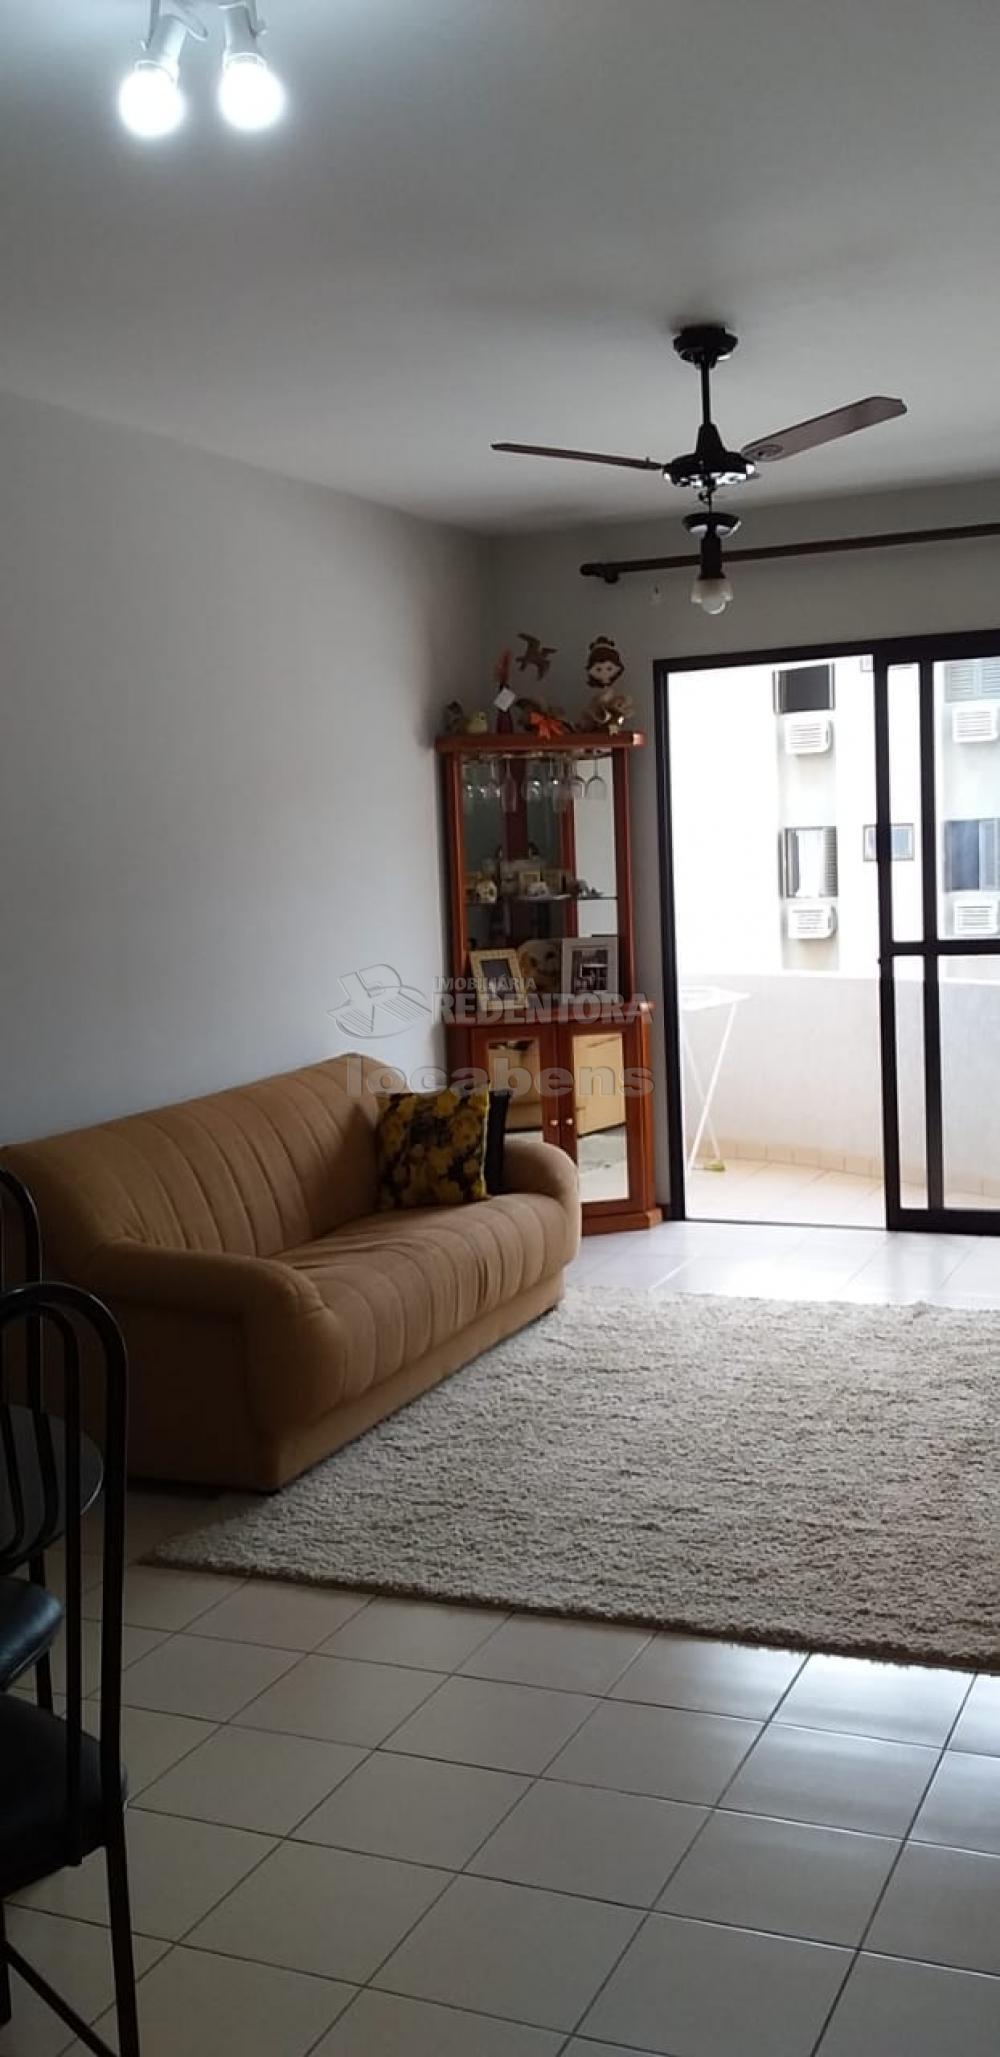 Comprar Apartamento / Padrão em São José do Rio Preto apenas R$ 360.000,00 - Foto 2